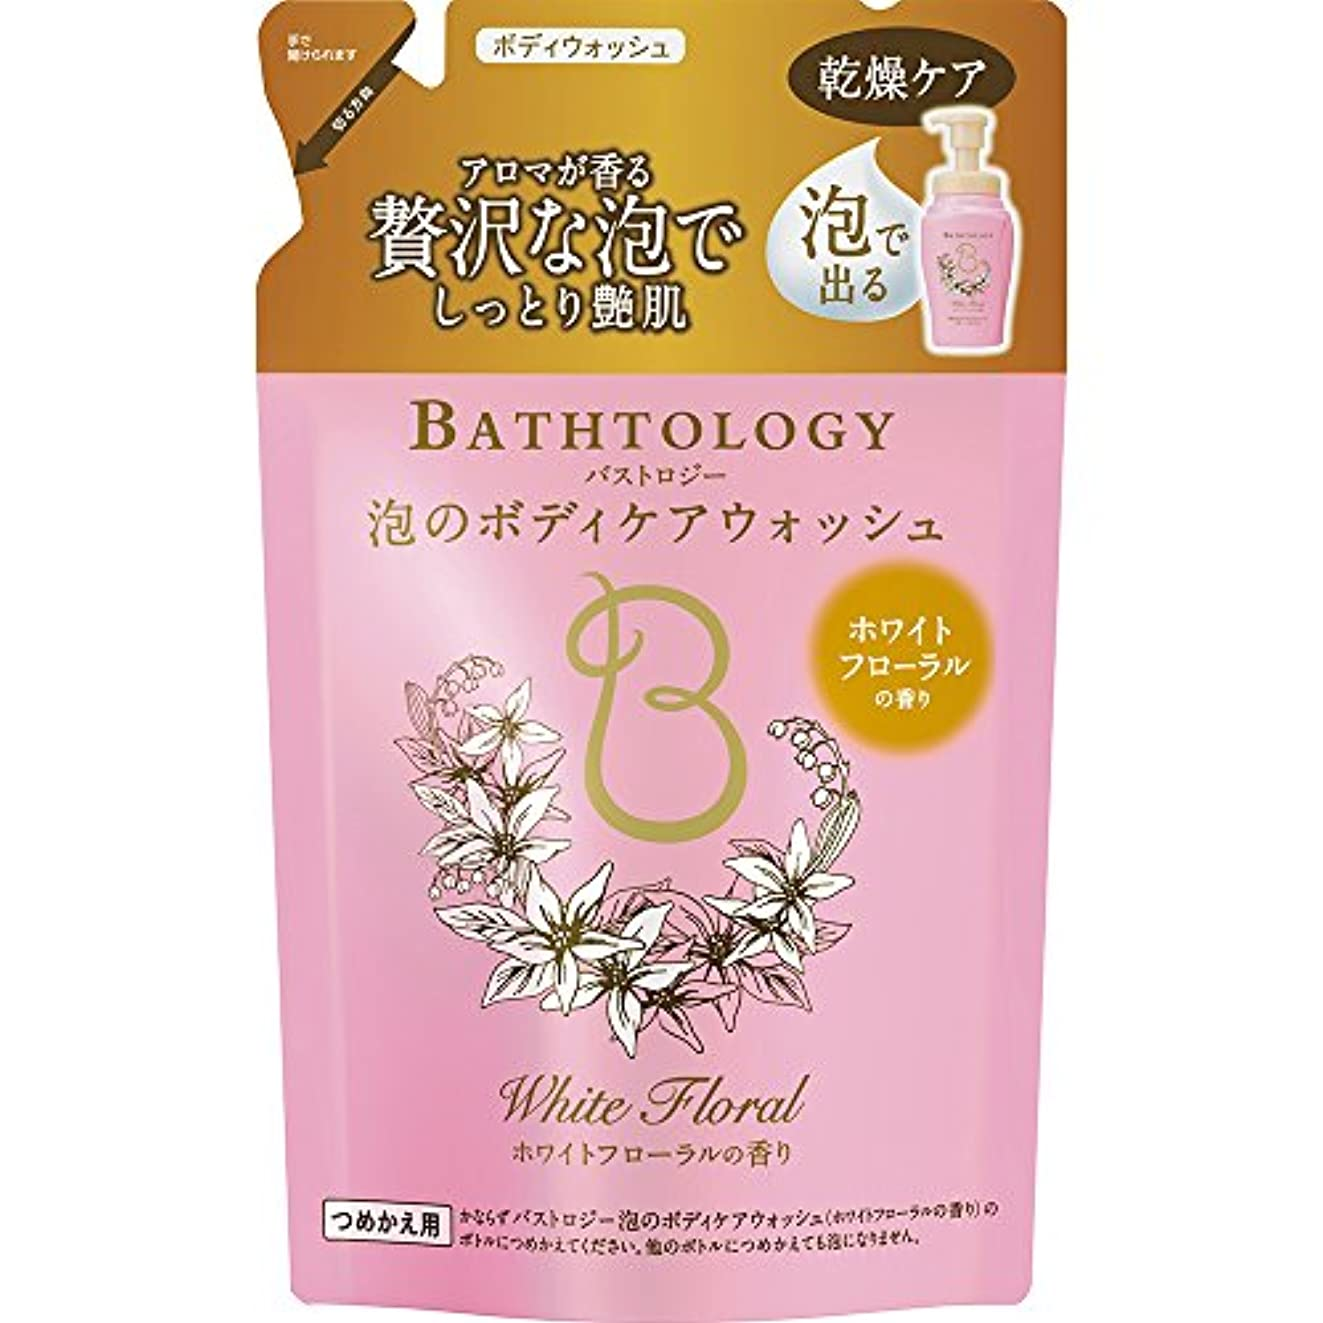 疼痛職人入浴BATHTOLOGY 泡のボディケアウォッシュ ホワイトフローラルの香り 詰め替え 350ml